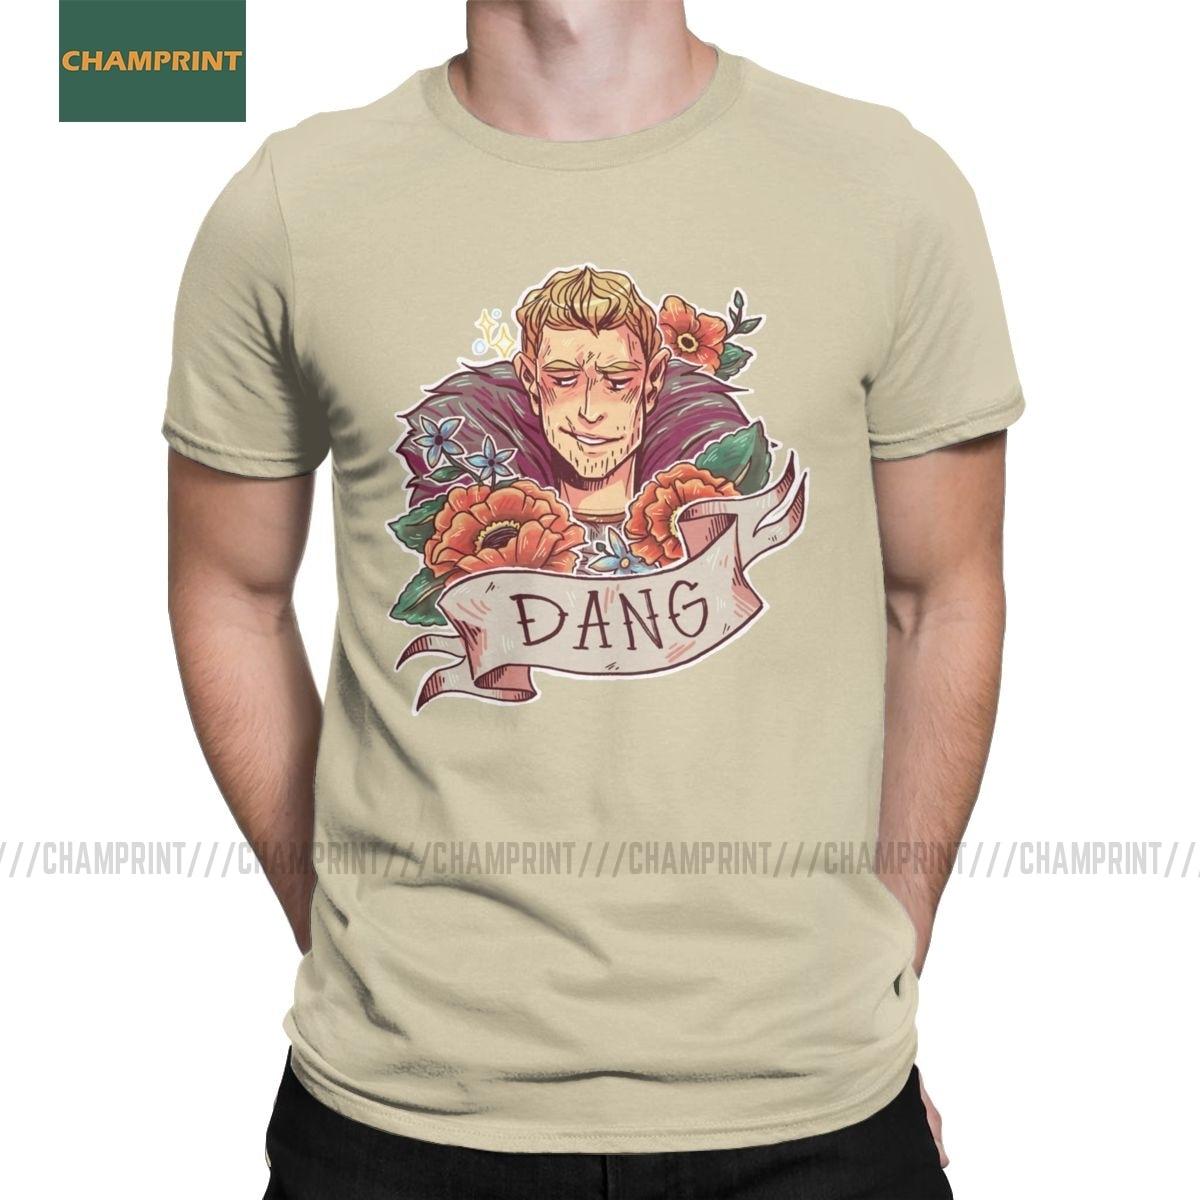 Camisa de manga curta t camisa de algodão dos homens da idade do dragão do comandante de dang t camisas fenris do touro do ferro inquisição garrett hawke jogo